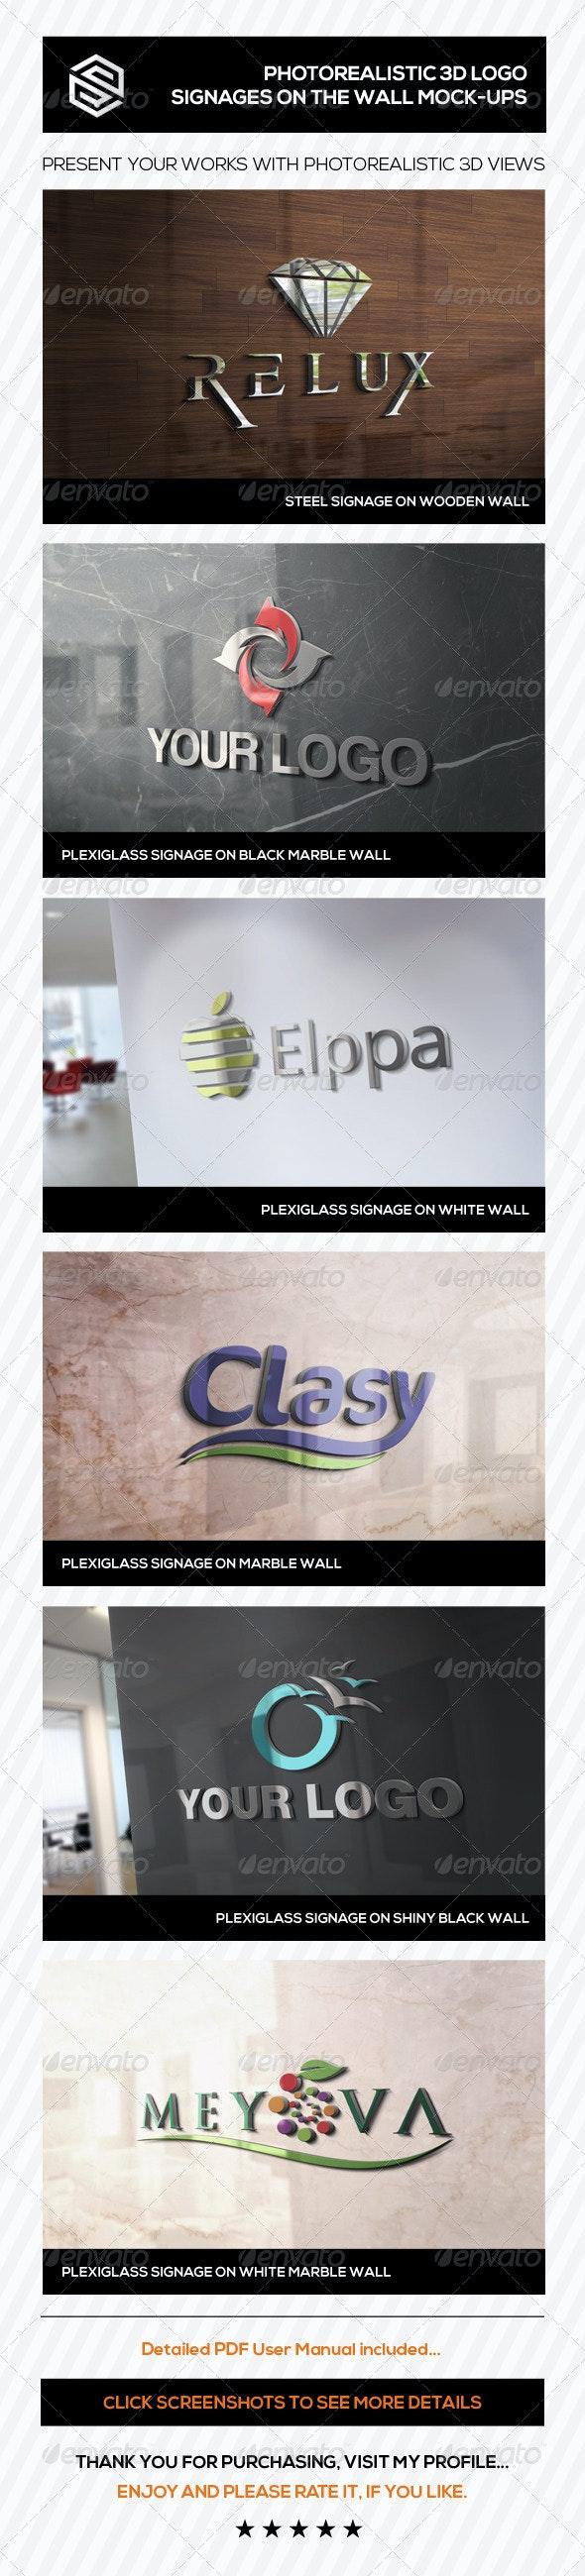 Photorealistic 3D Logo Signage Mock-Ups - Logo Product Mock-Ups